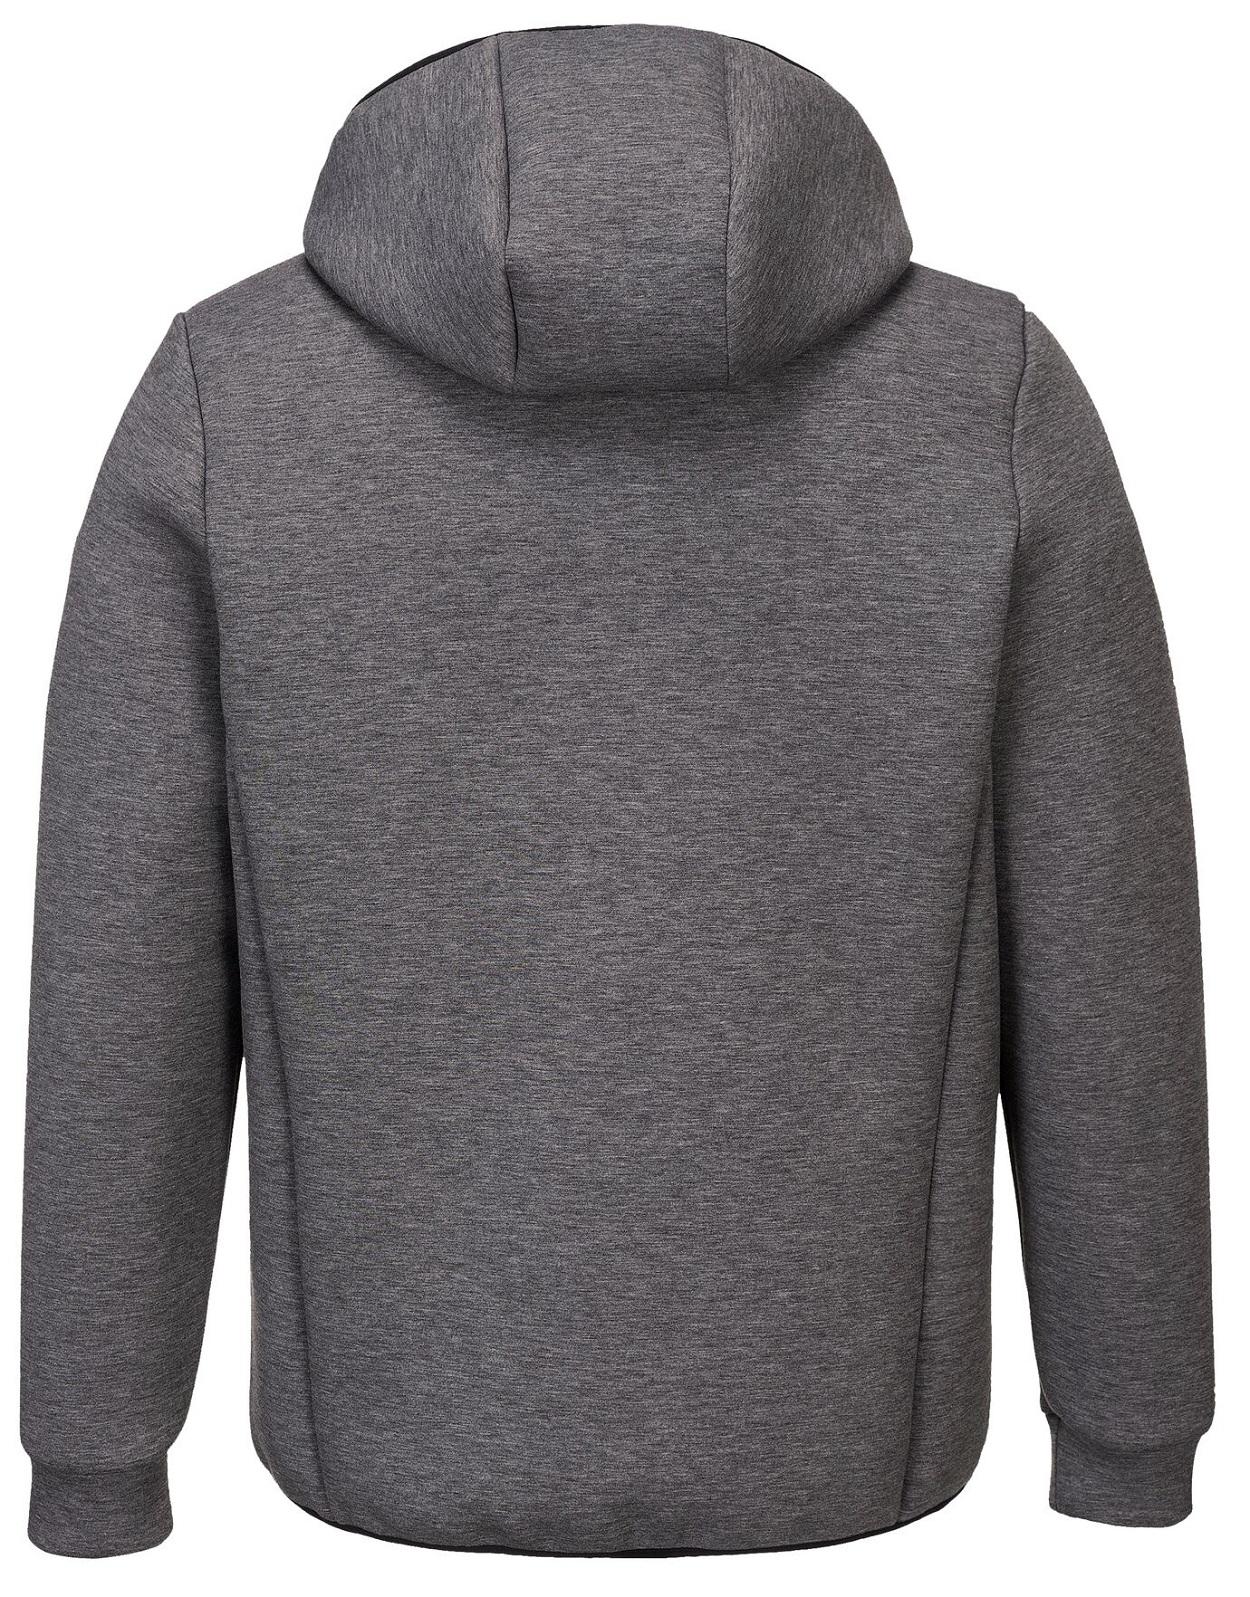 T831-grey marl 4